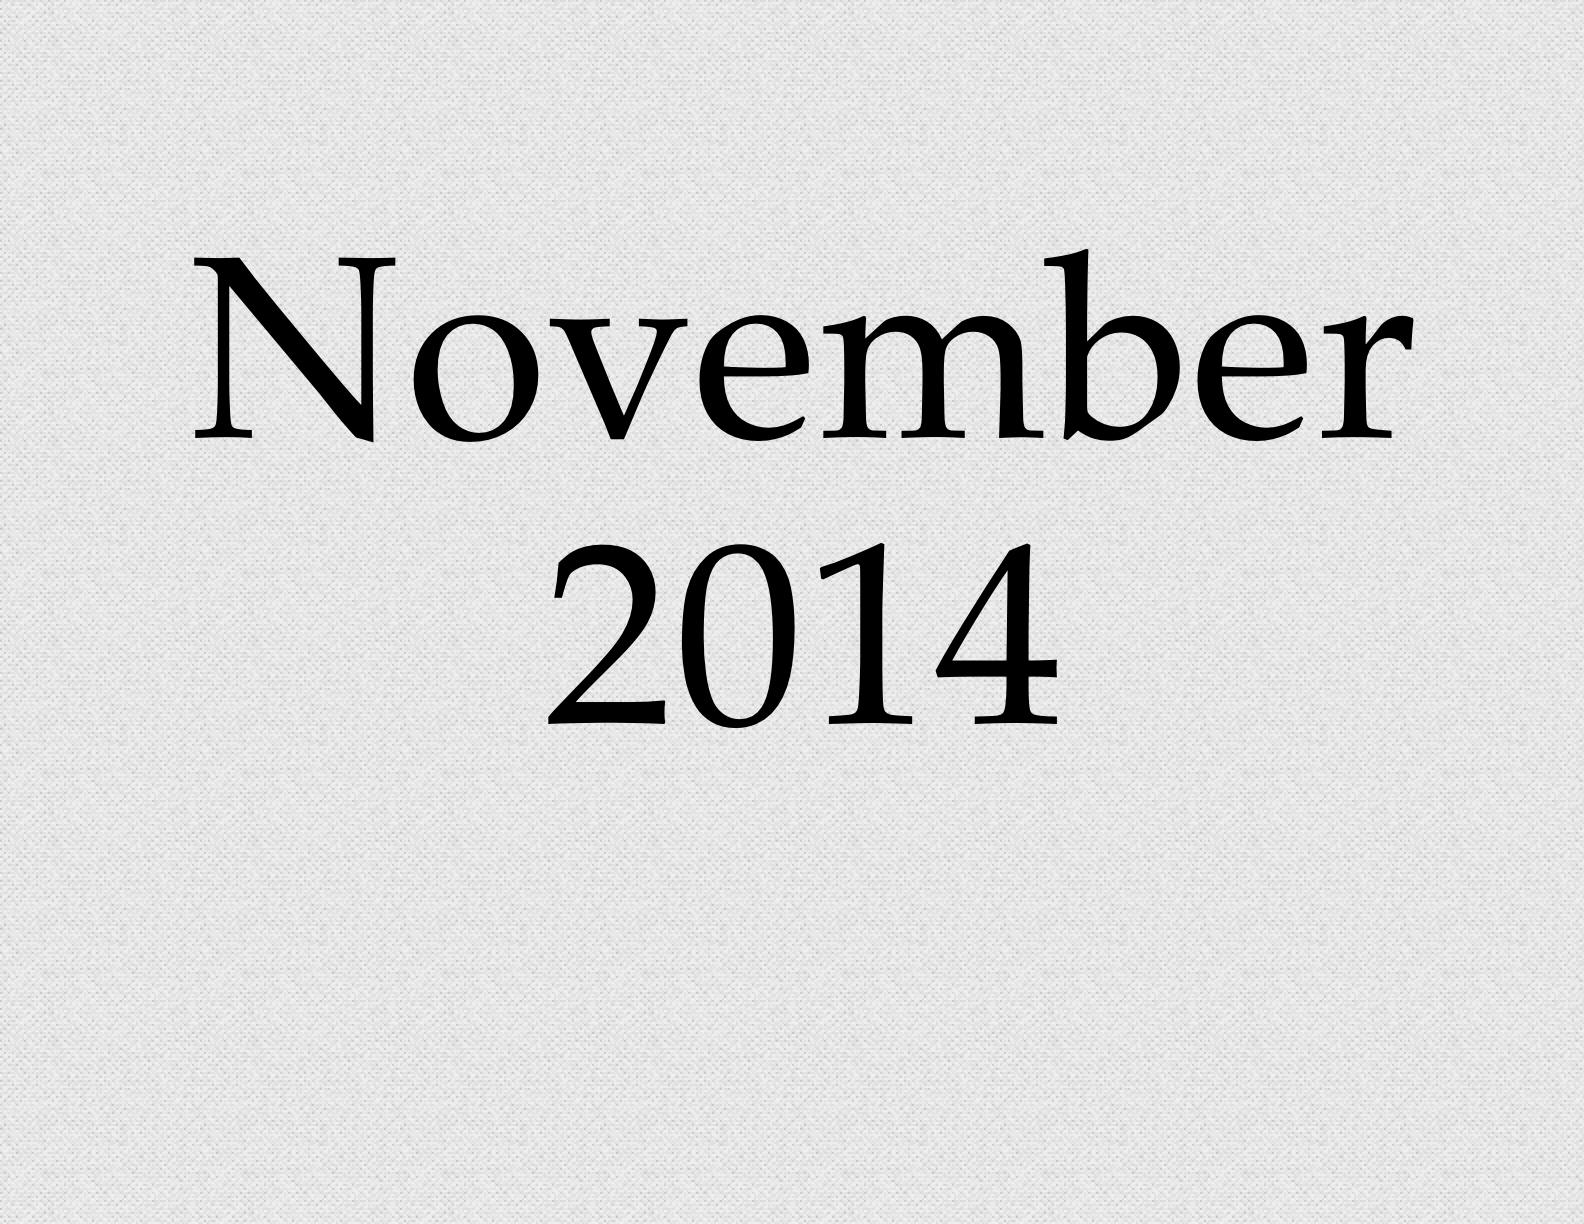 november-2014.jpg